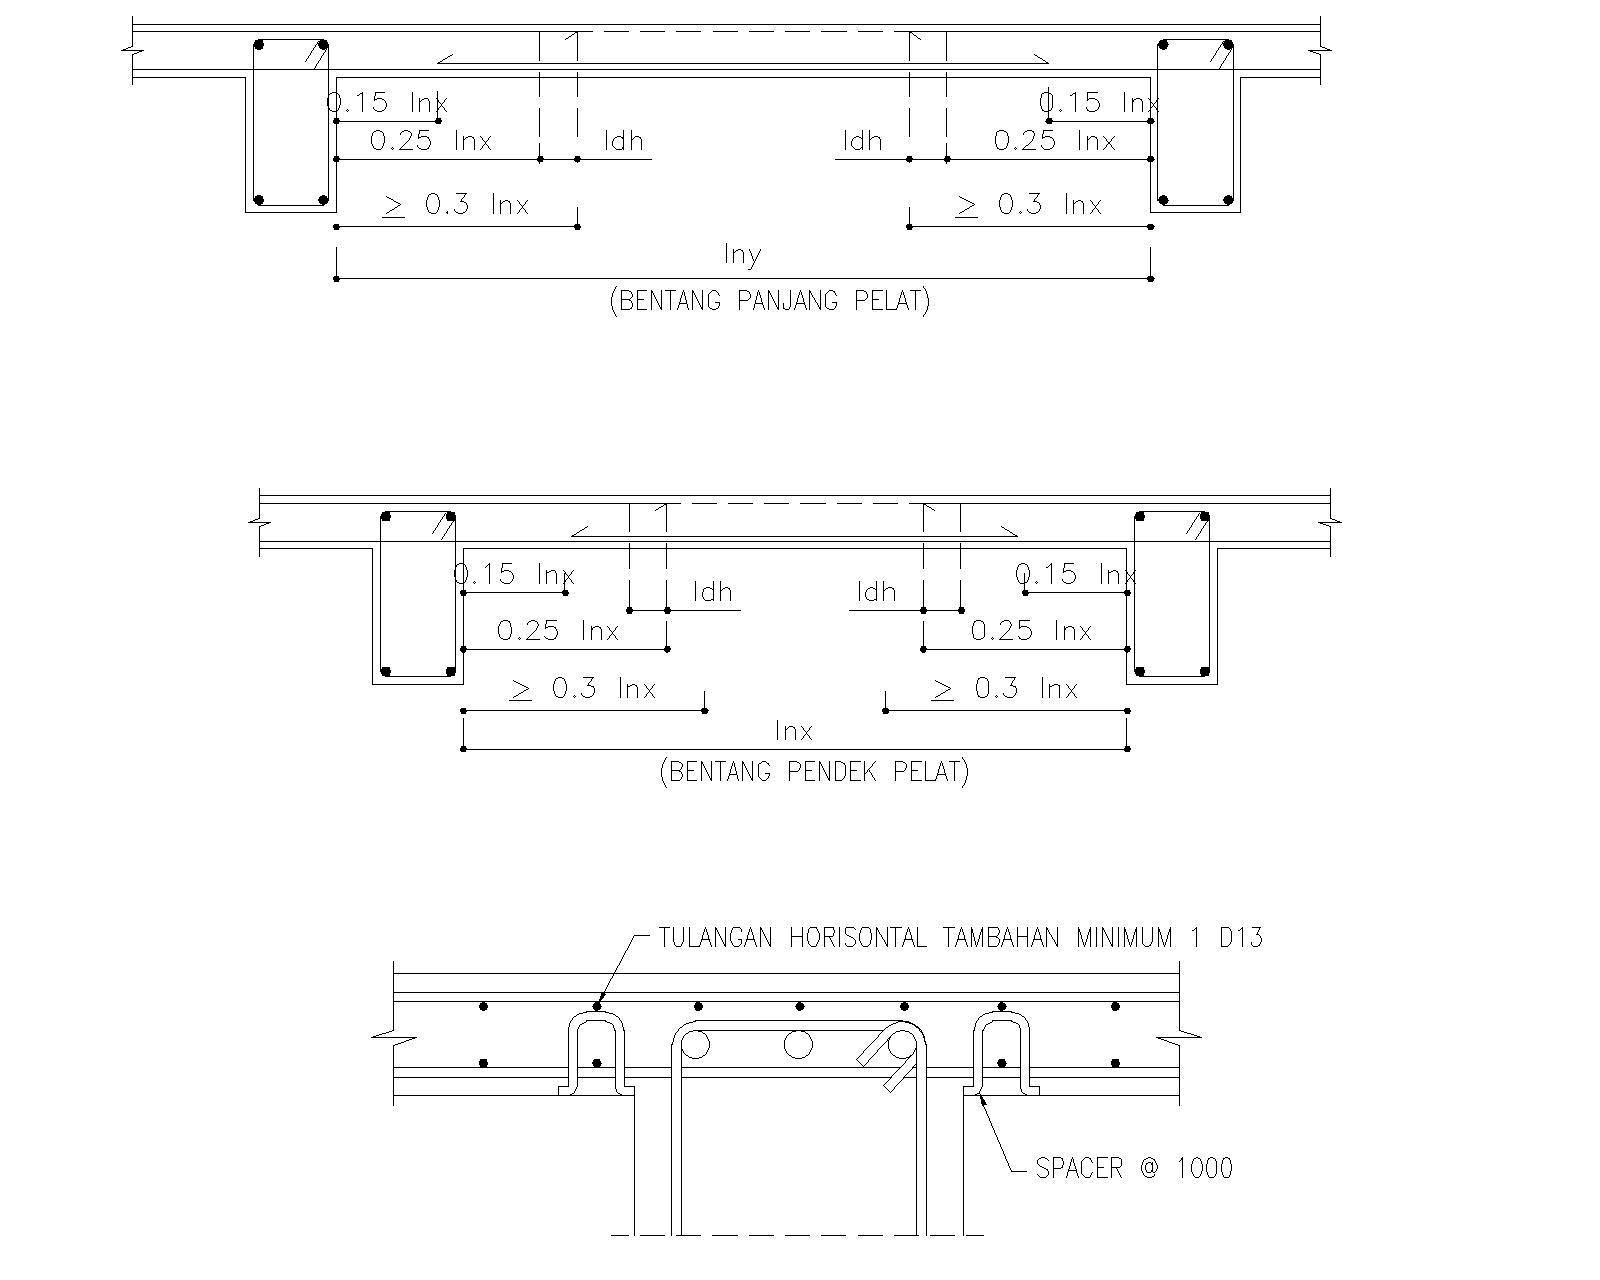 maygunrifanto Standart Detail Pekerjaan Konstruksi Beton